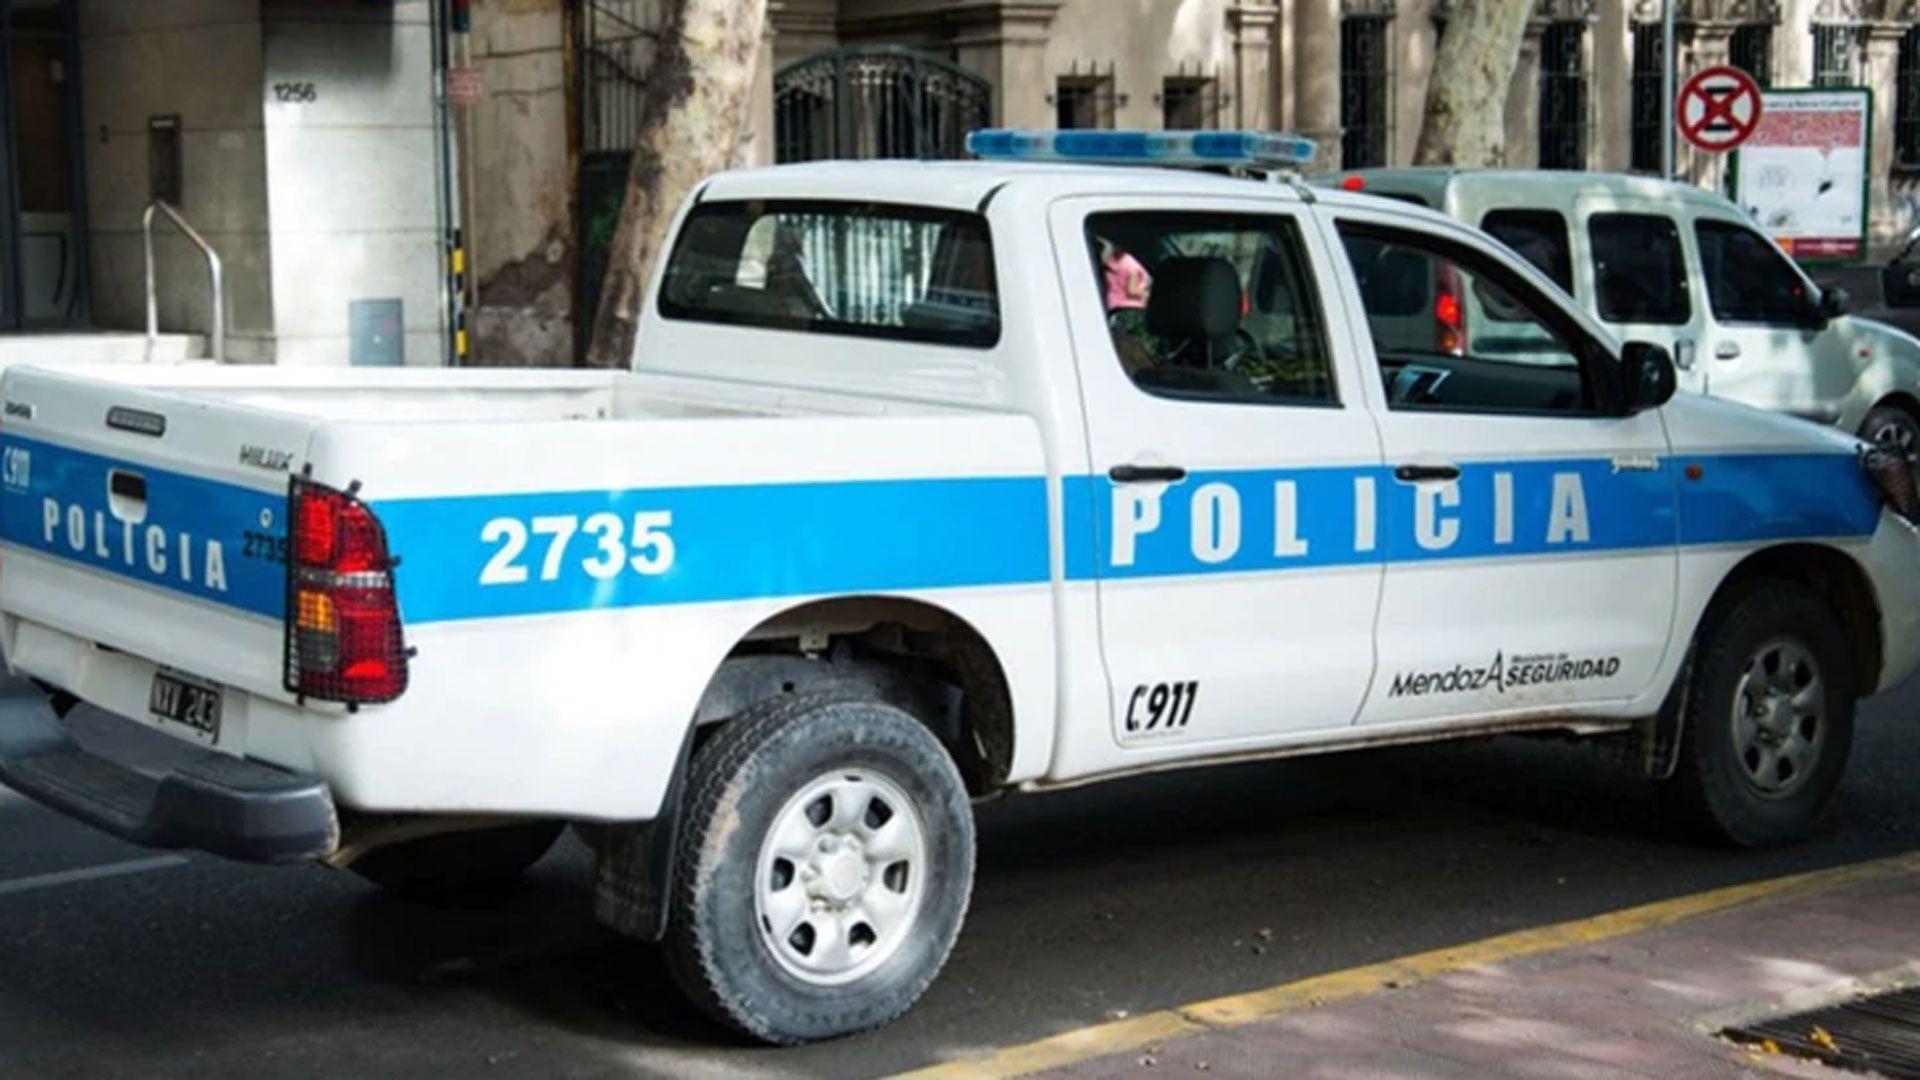 Patrullero de la Policía de Mendoza